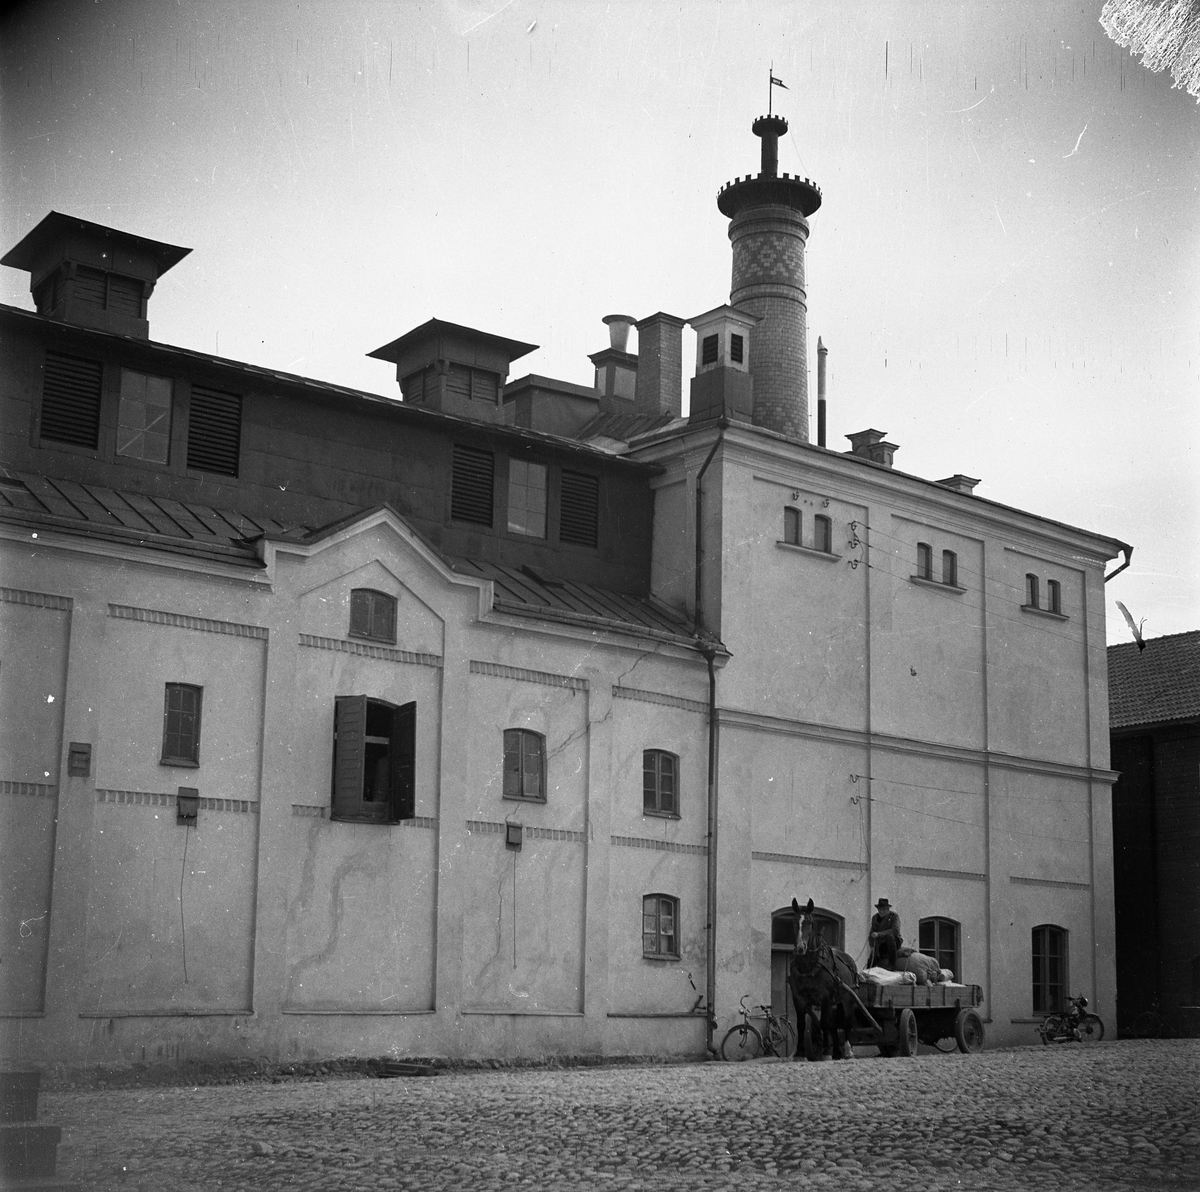 Arboga Kvarn och Maltfabrik, exteriör. Framför byggnaden syns ett ekipage med häst och vagn. Vagnen är lastad med fyllda säckar. Intill väggen står en cykel och en motorcykel. Ett magasin skymtar till höger i bild.  Det som kom att bli Arboga Kvarn och Maltfabrik anlades 1821 av Jonas Örström. Kvarnrörelsen startade 1915. Vetemjöl av märket Guldsnö producerades här.  Kvarnrörelsen upphörde 1967 medan maltproduktionen fortsatte till 1972.  Läs om Arboga Kvarn och Maltfabrik: Hembygdsföreningen Arboga Minnes årsböcker från 1979 och 1999 Reinhold Carlssons bok Arboga objektivt sett